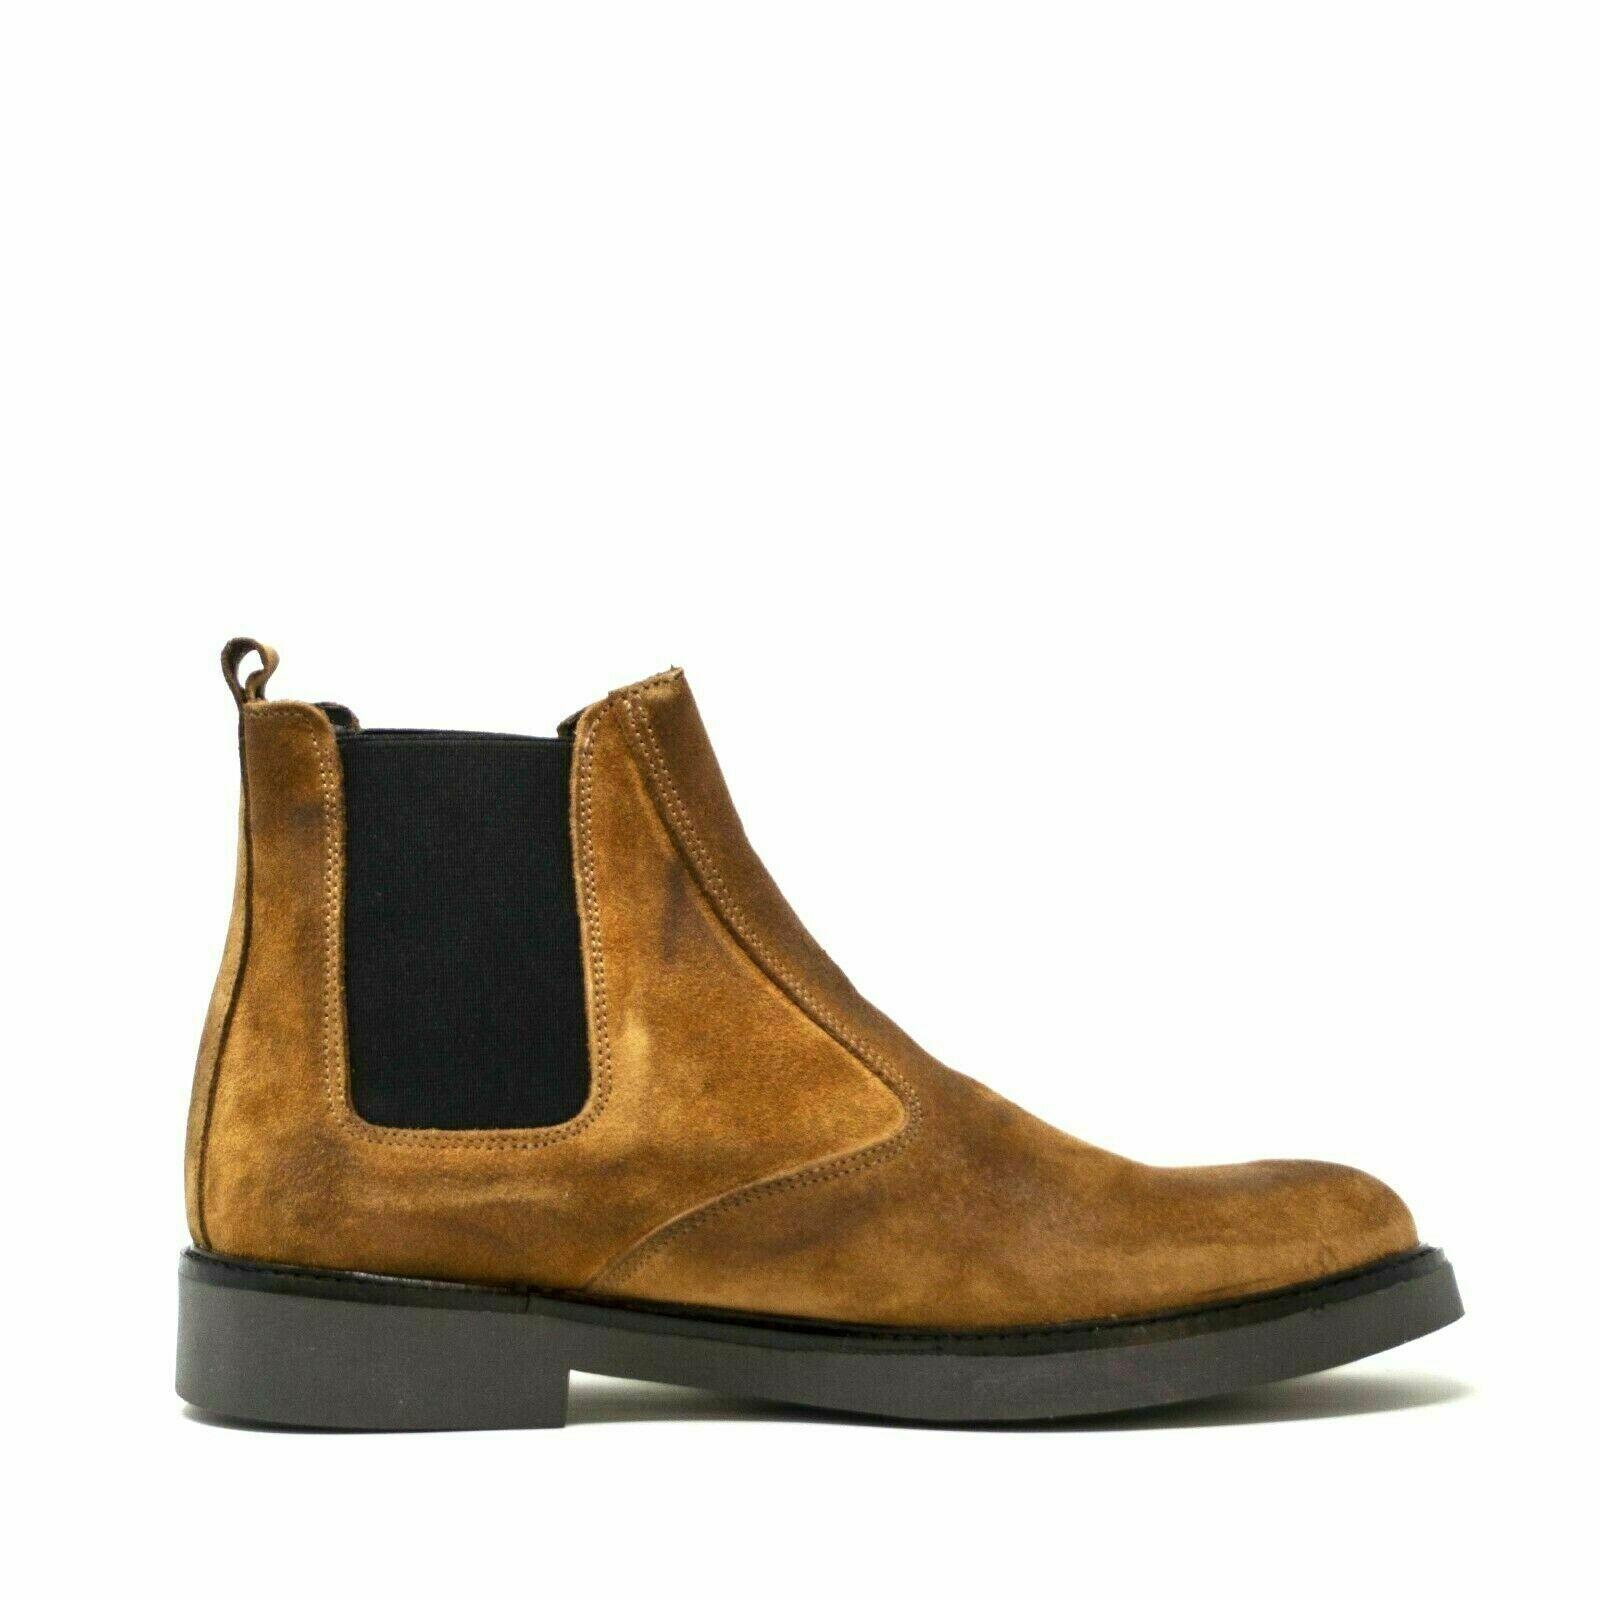 Scarpe da Uomo in Pelle Camoscio Stivaletti Chelsea Stivali